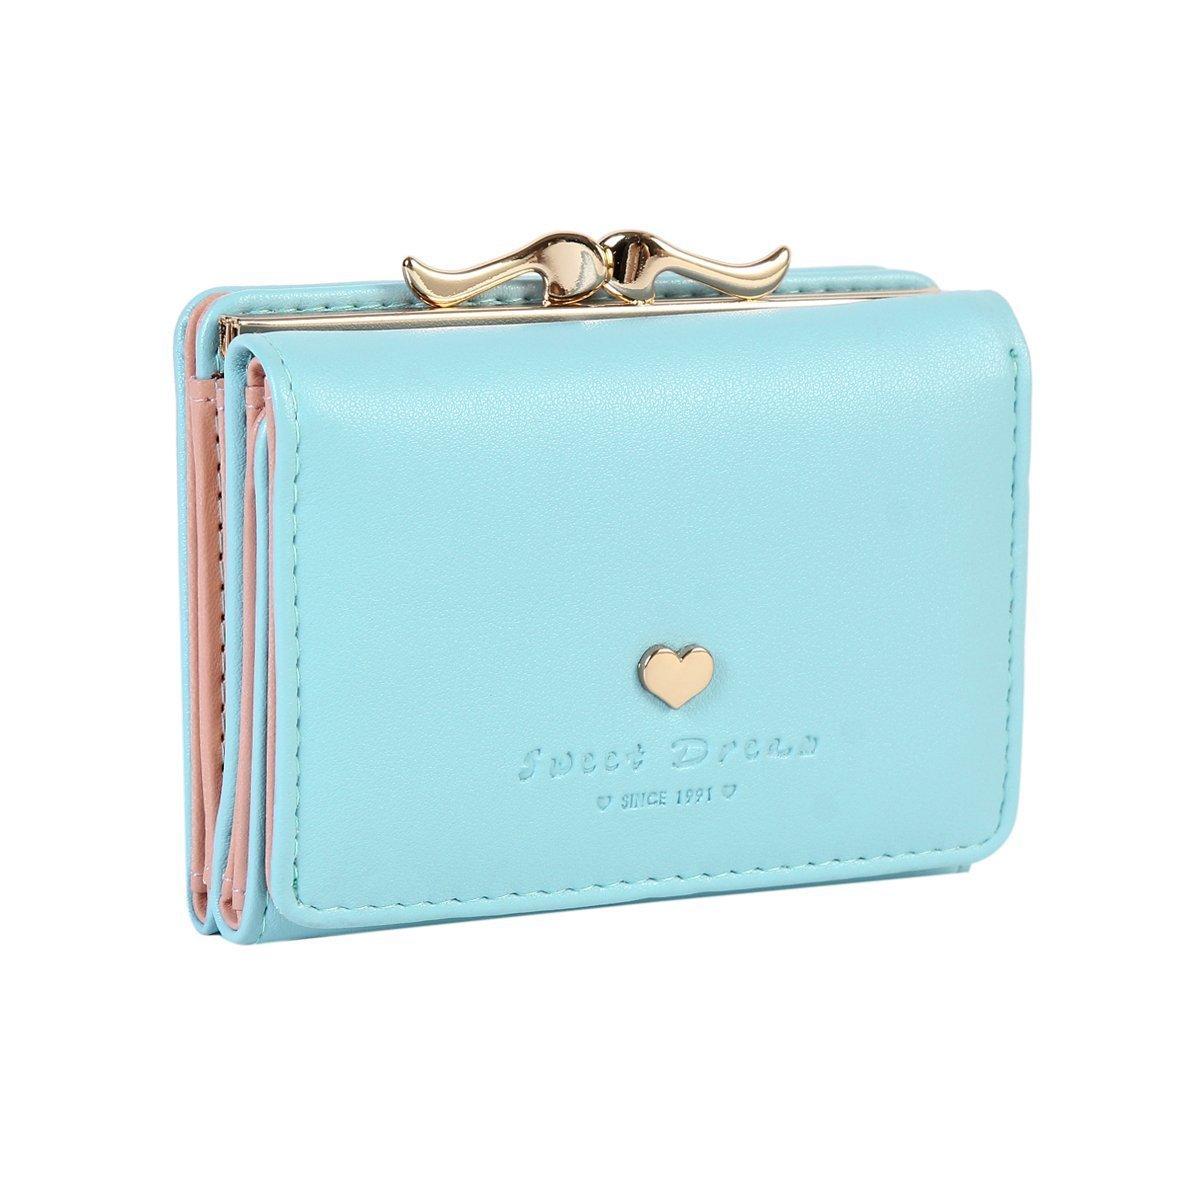 Damara Womens Metal Frame Kiss-lock Small Clutch Cards Holder Wallet,Light Blue